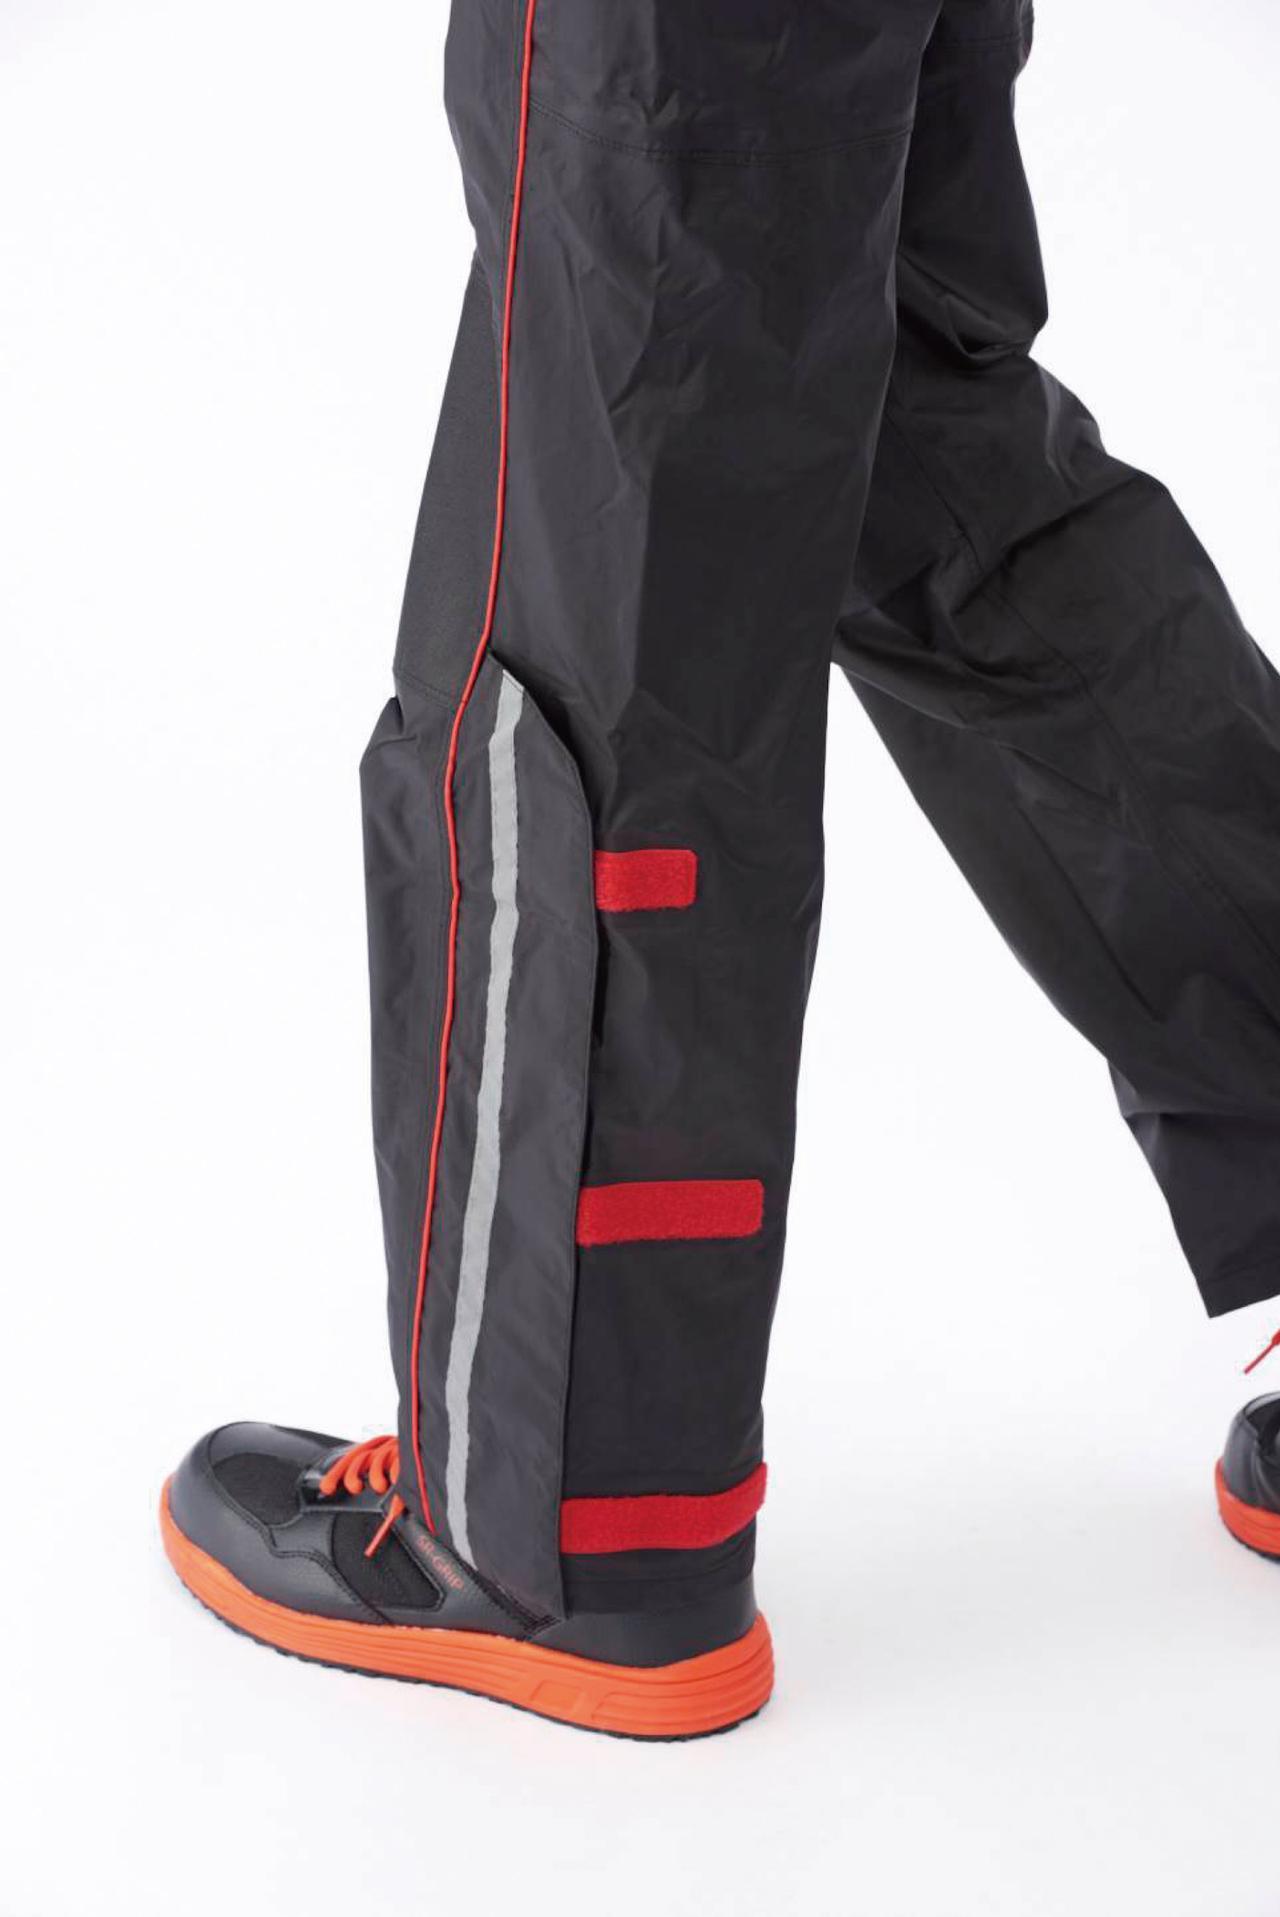 画像: 足元は3カ所のマジックテープで調整可能。ブーツを履いたままでの着用も想定されている。また、安全性を高める反射テープも装備。